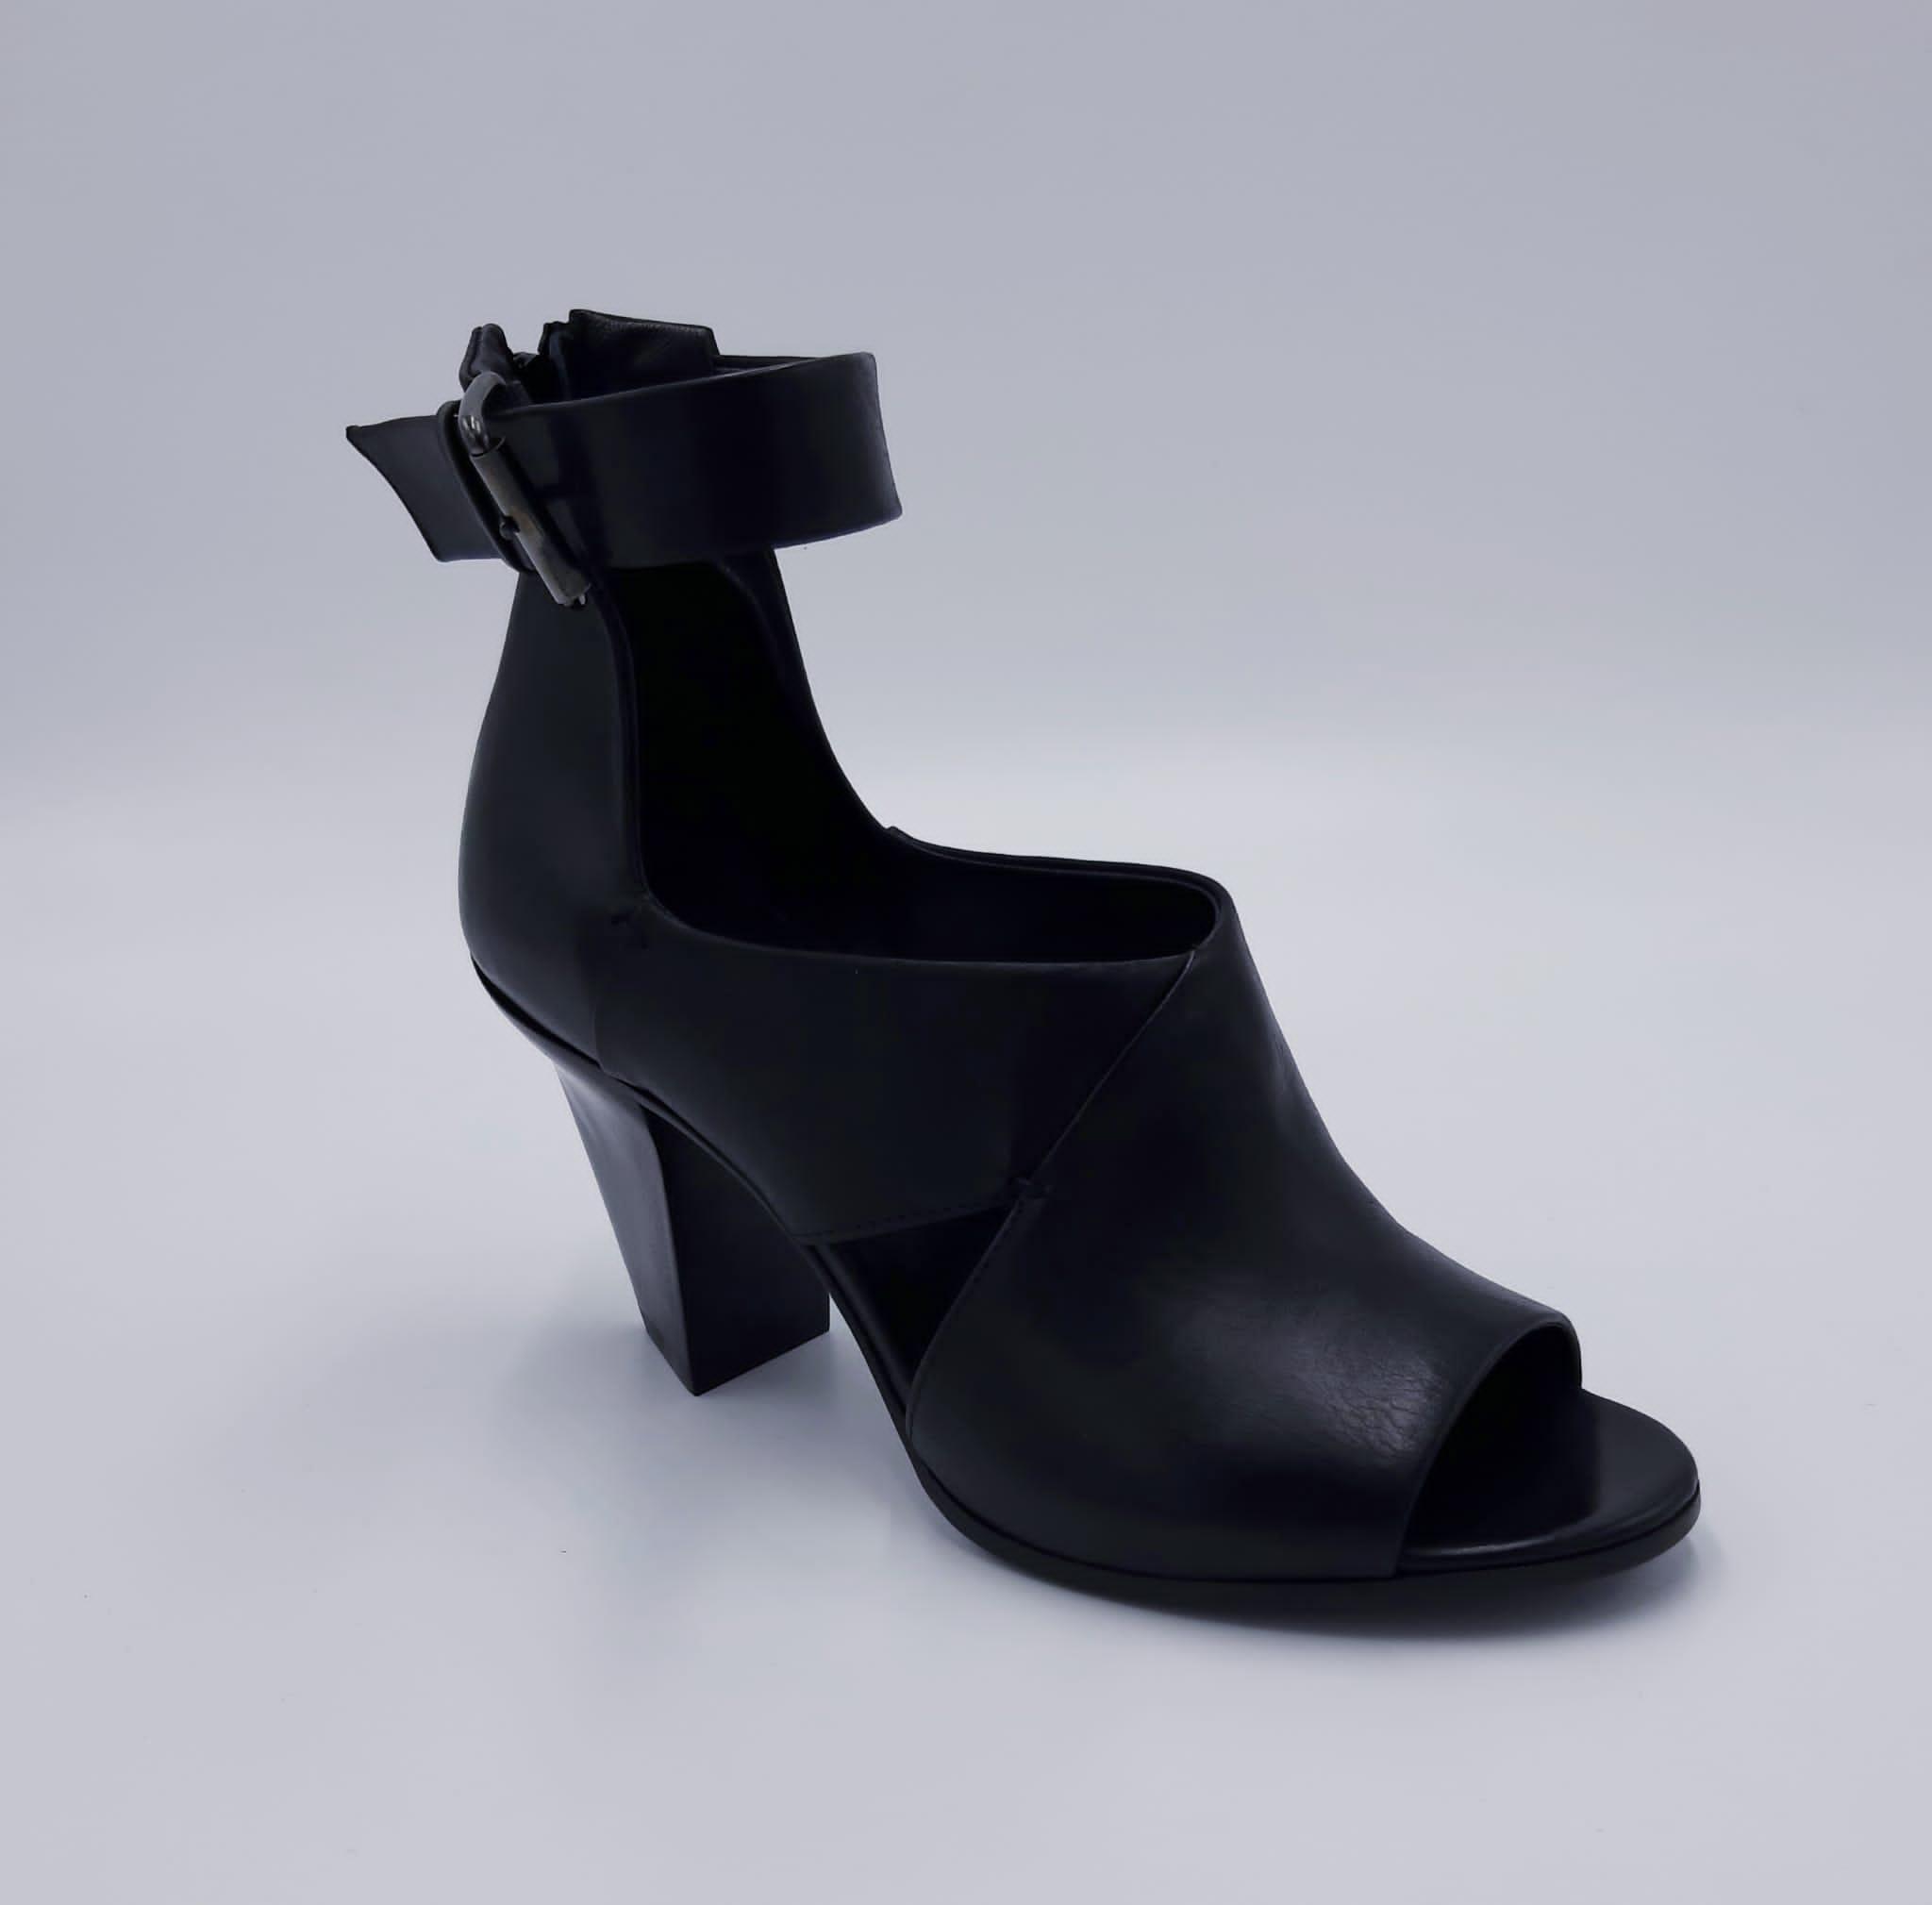 Sandalo in pelle nera con cinturino Strategia